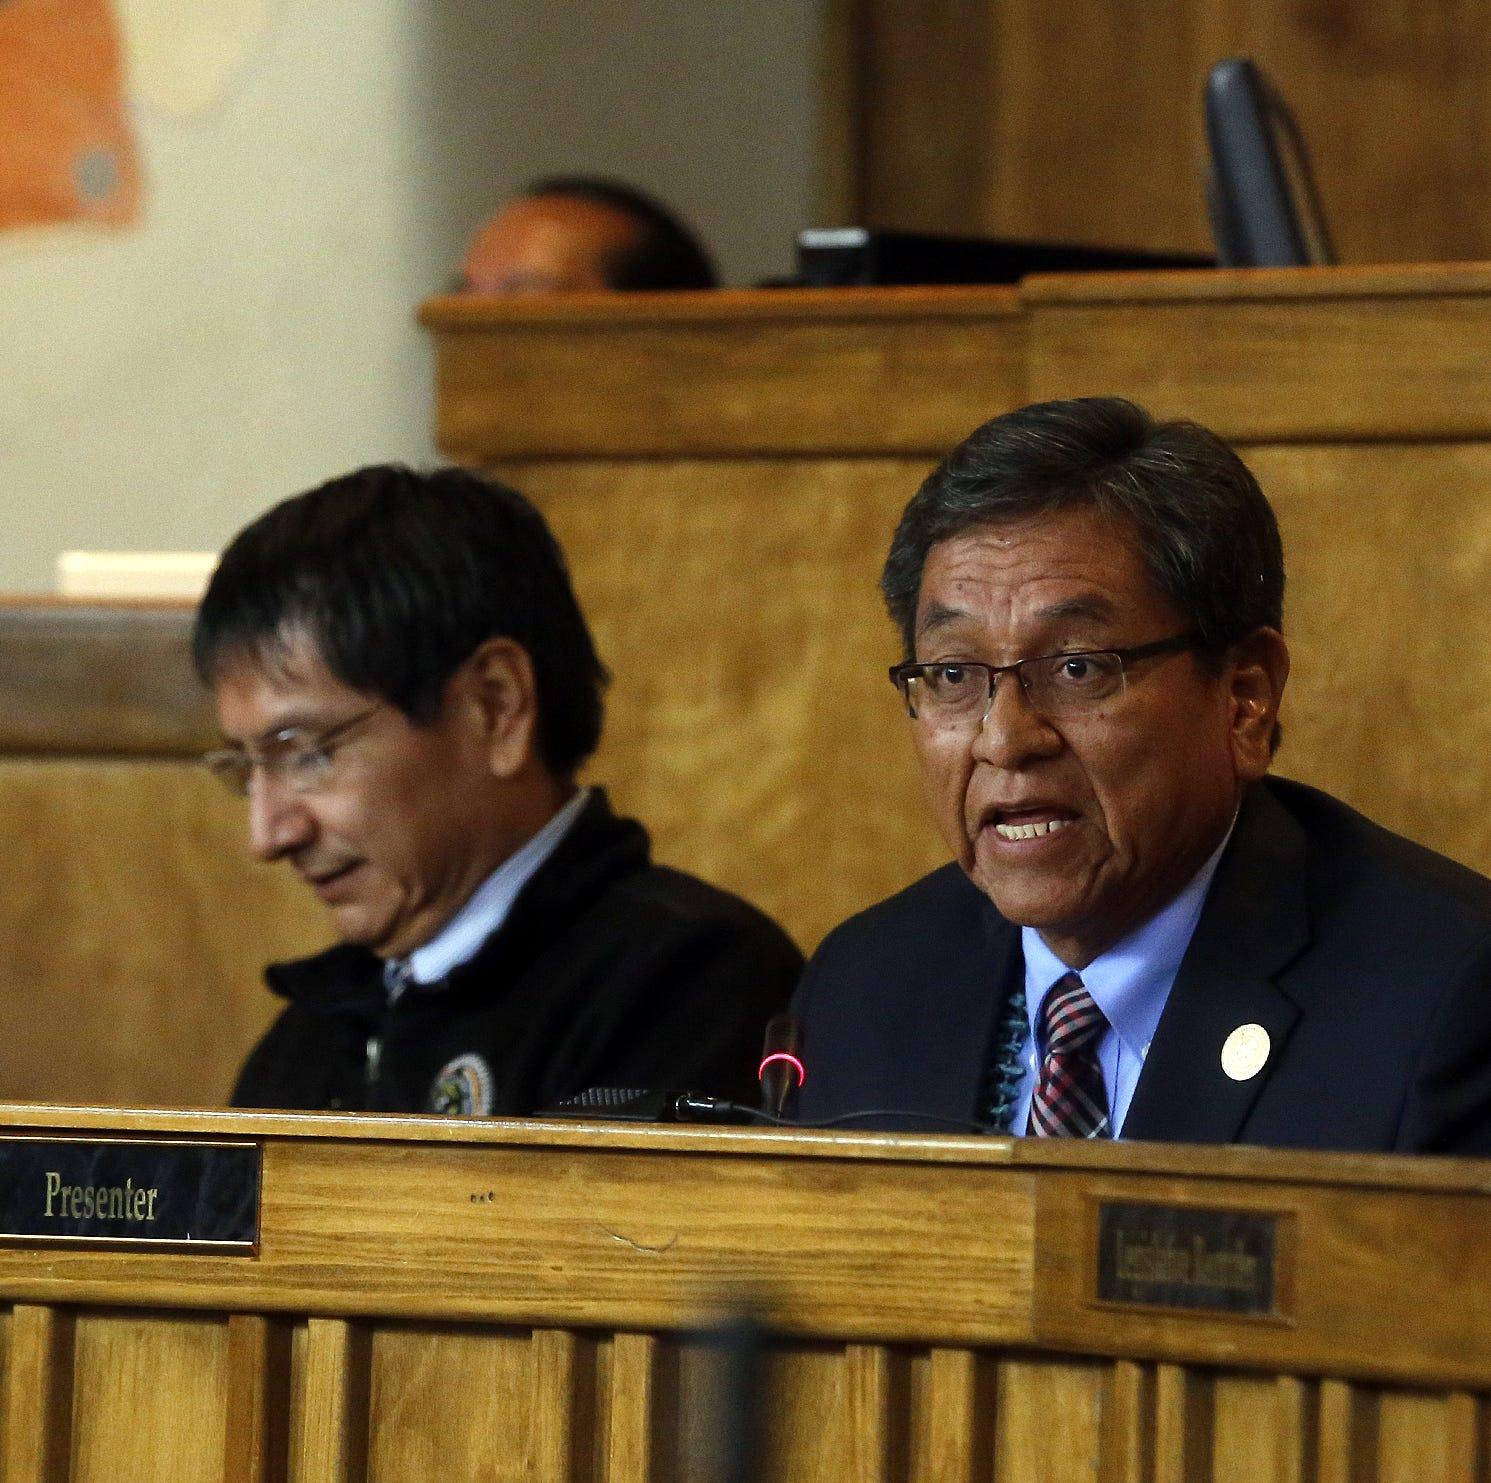 Bills propose referendums for Navajo Nation general election ballot